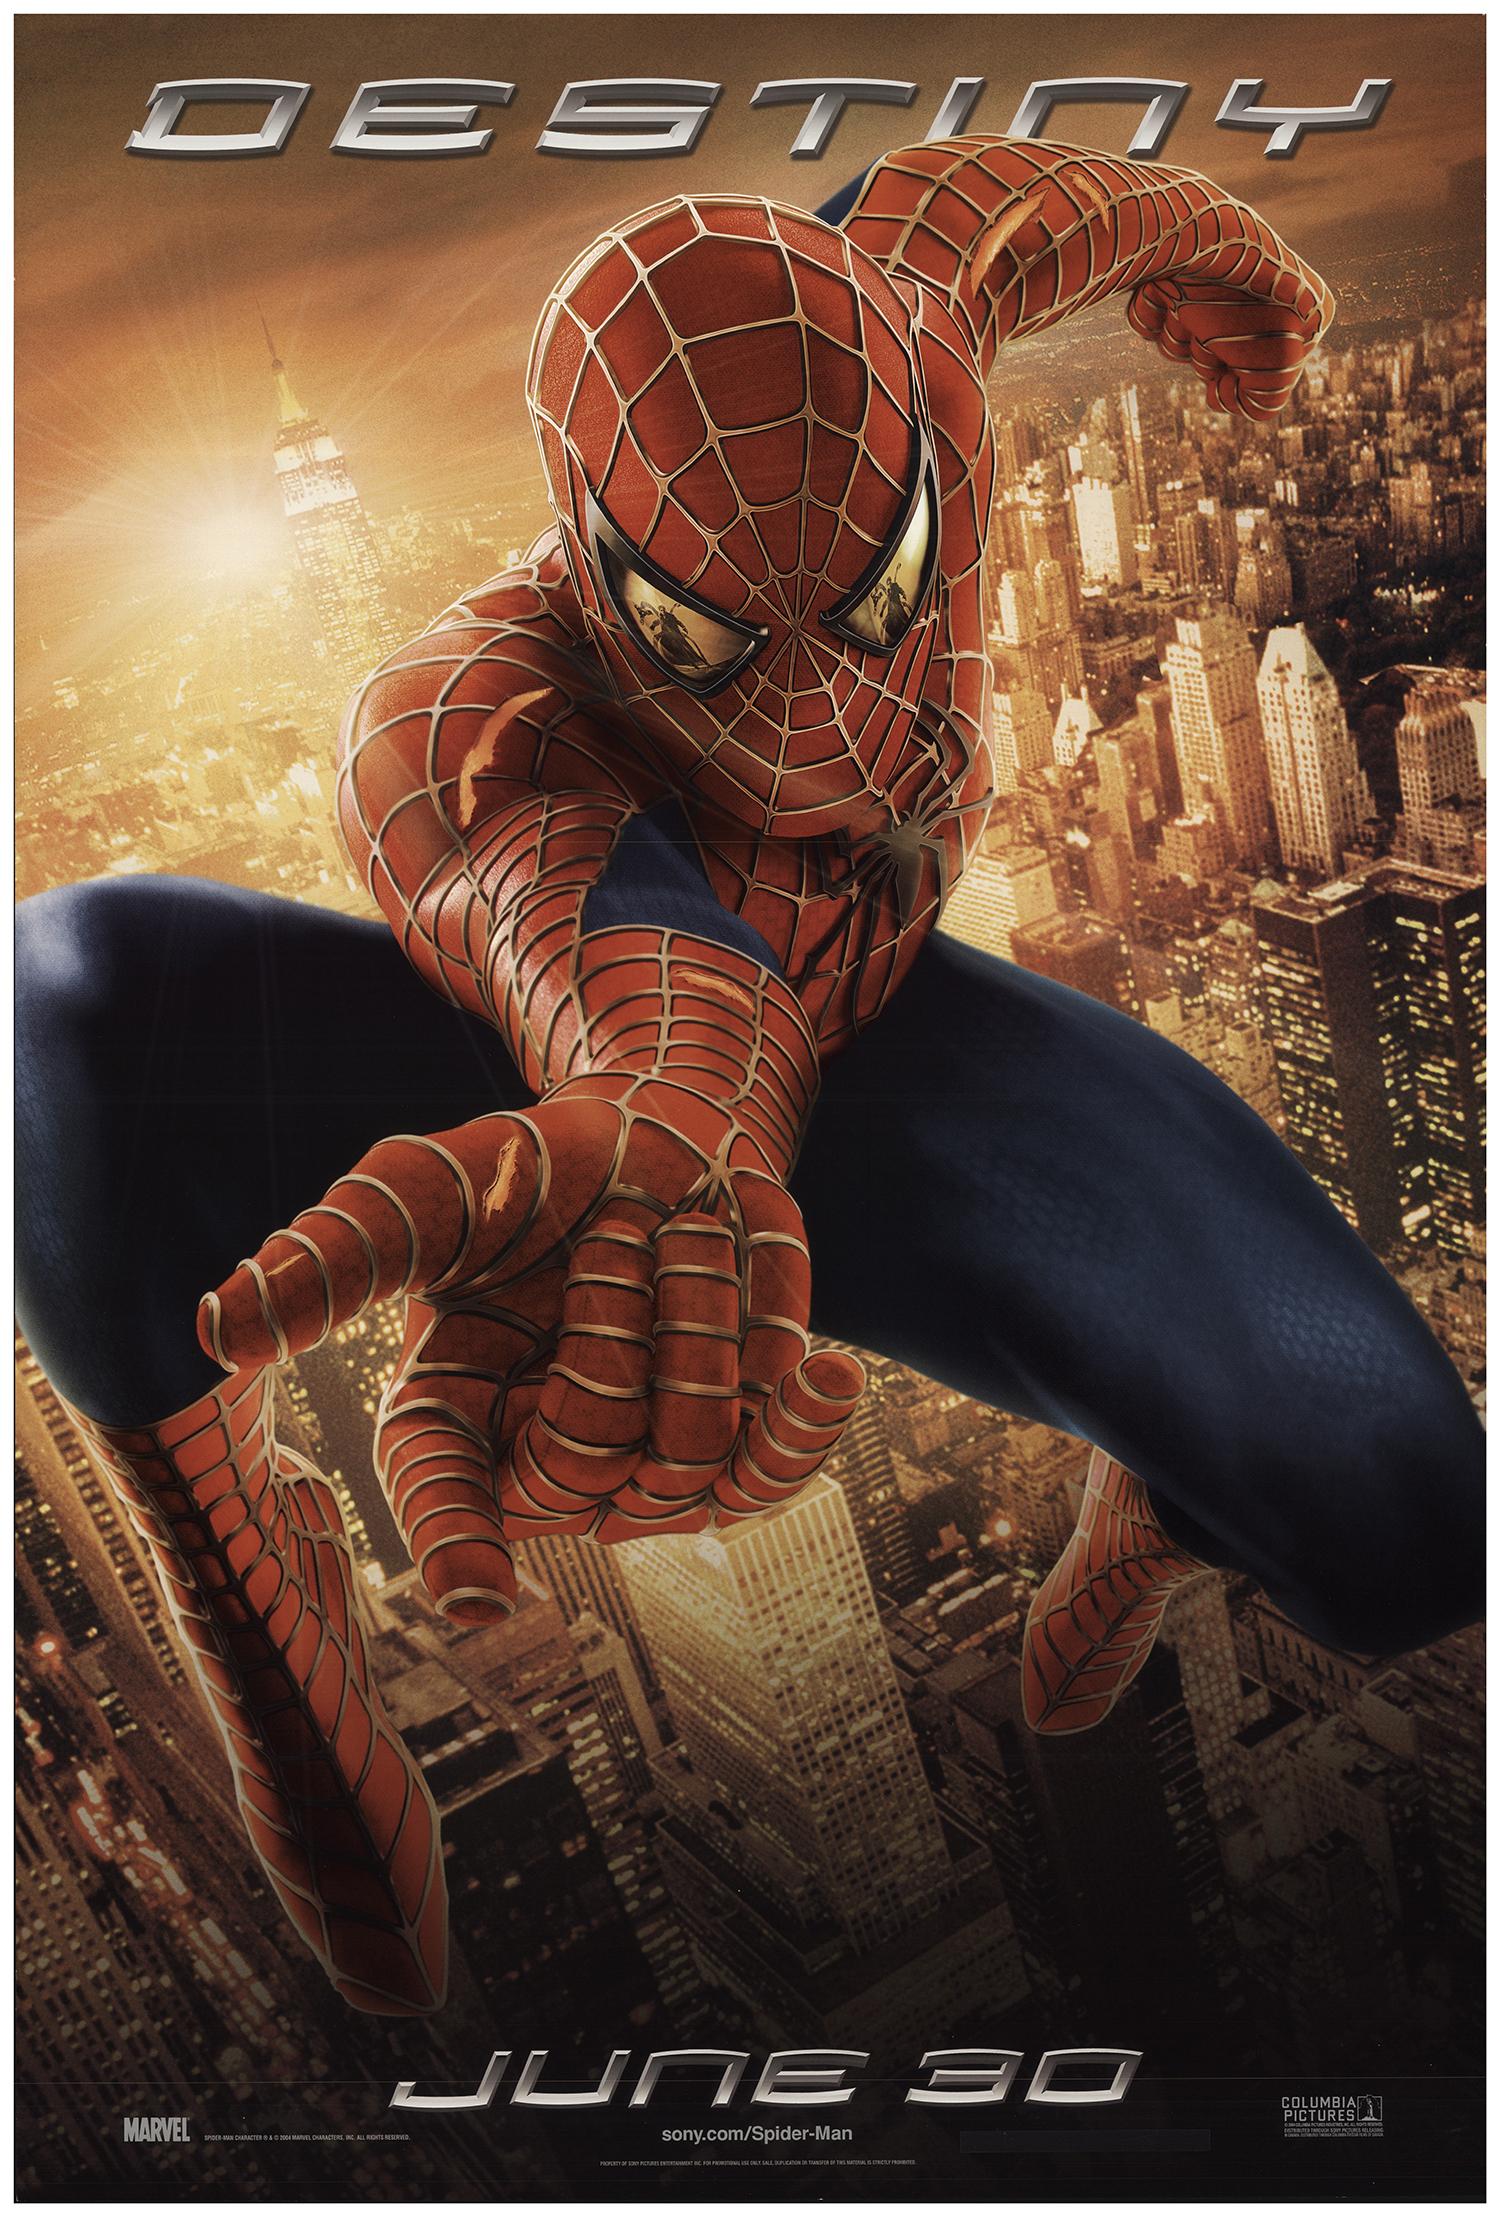 Spider Man 2 2004 Original Movie Poster U S One Sheet Advance Fff 73778